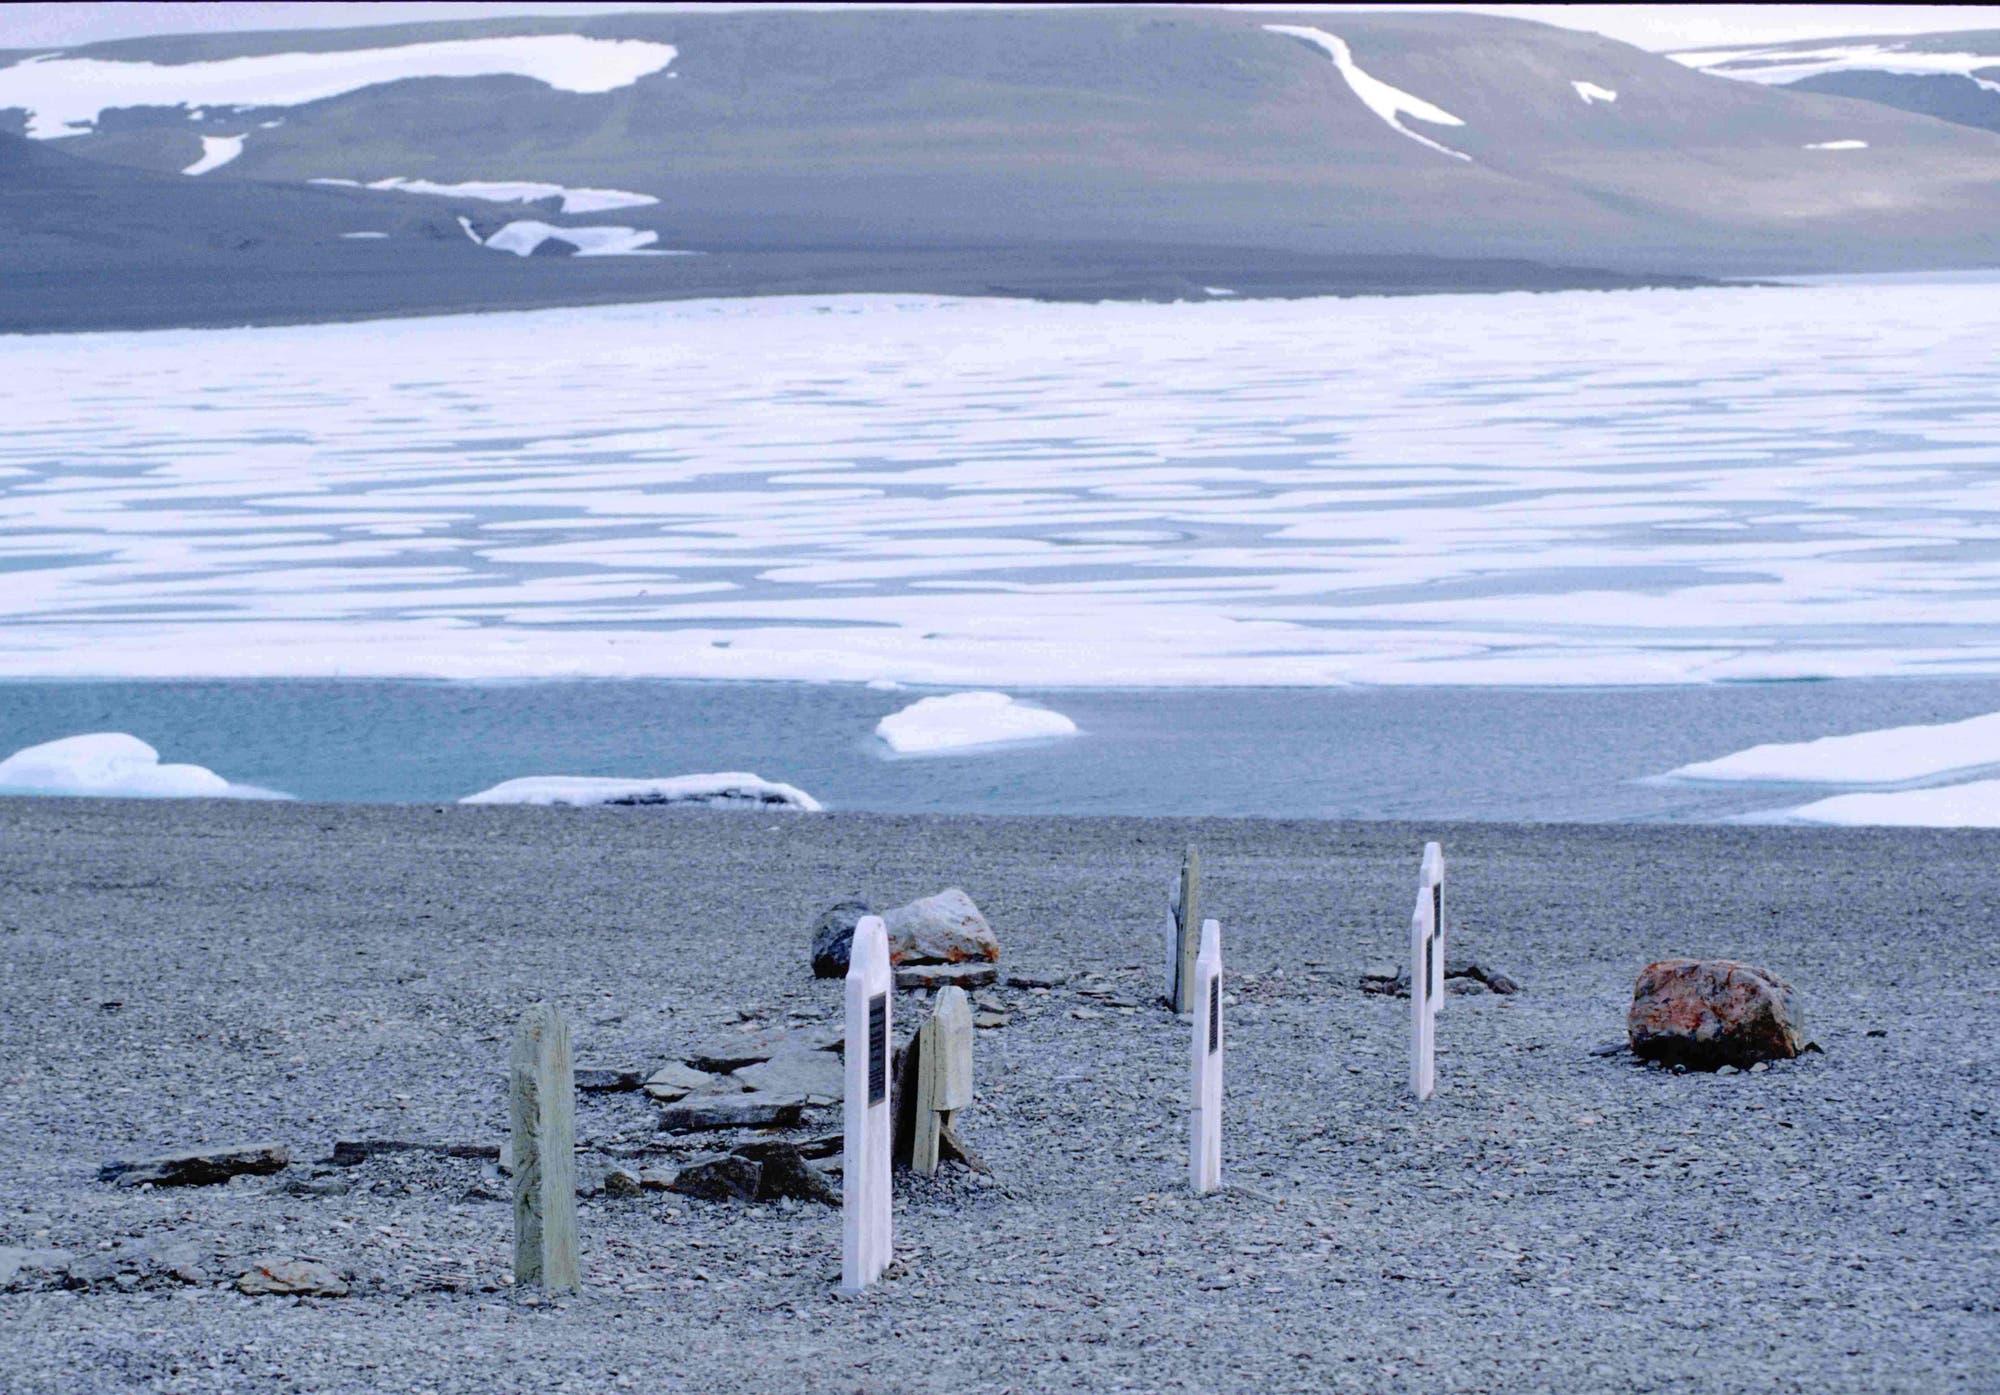 Gräber in der Arktis